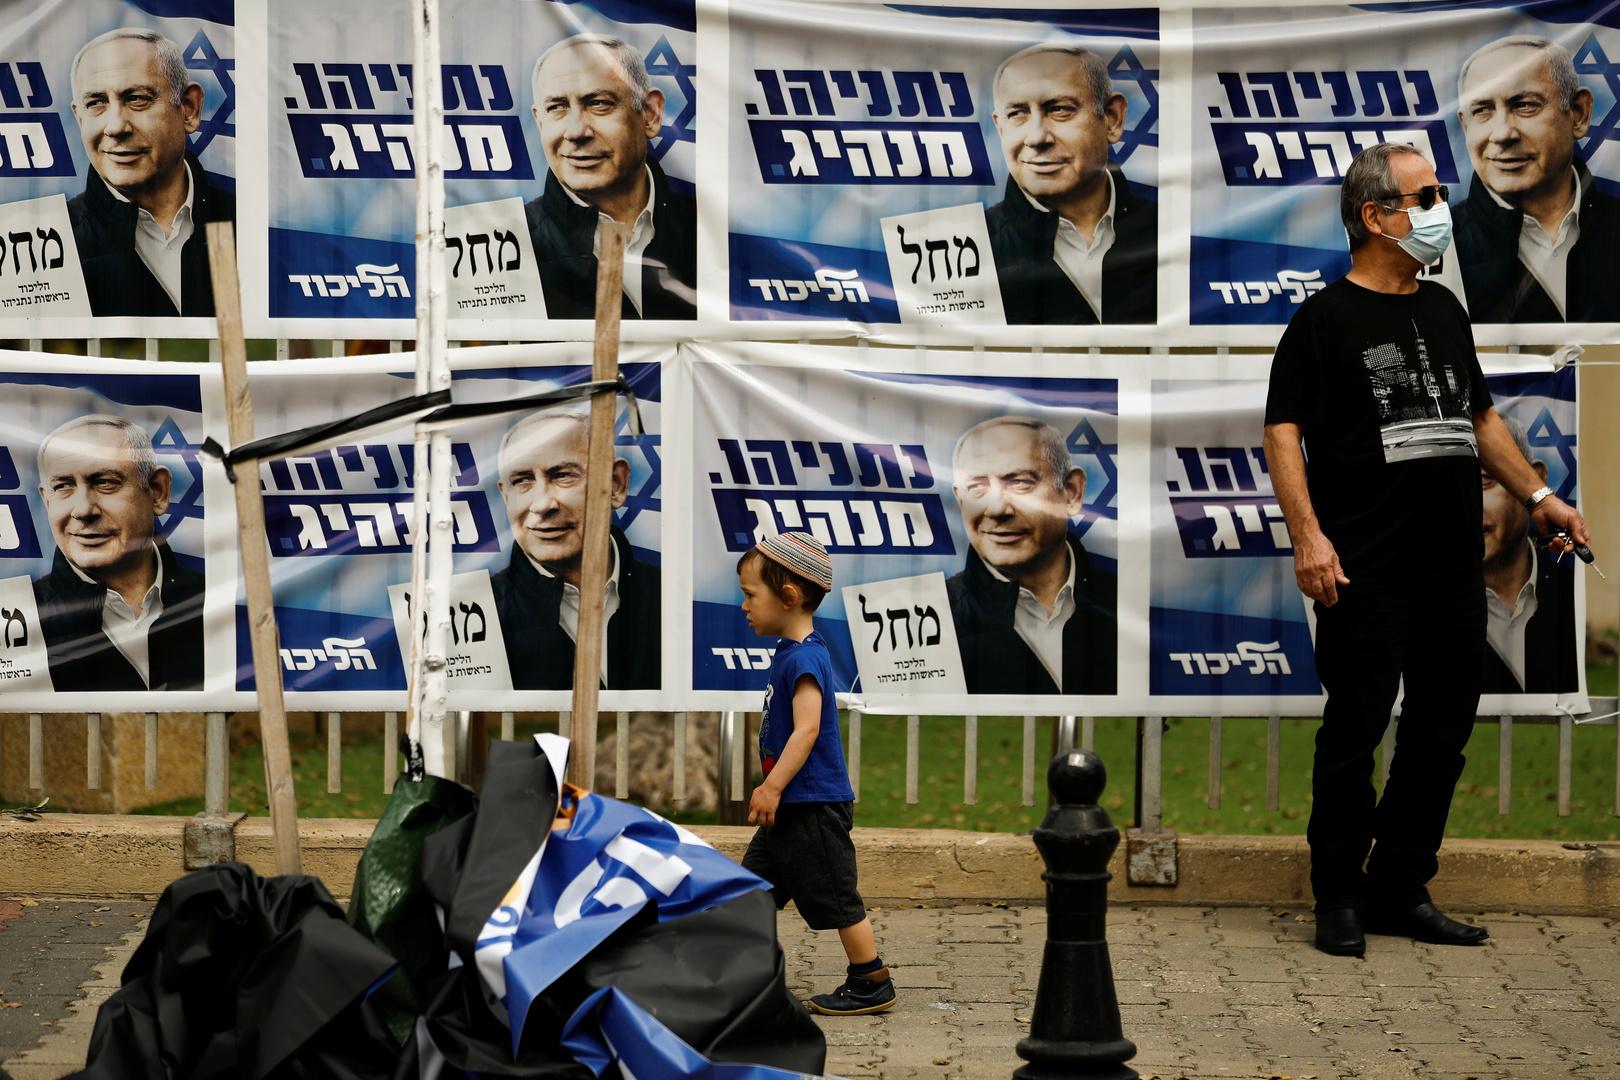 انتخابات إسرائيل.. مصير غامض لنتنياهو ودور يلوح في الأفق لقائمة عربية